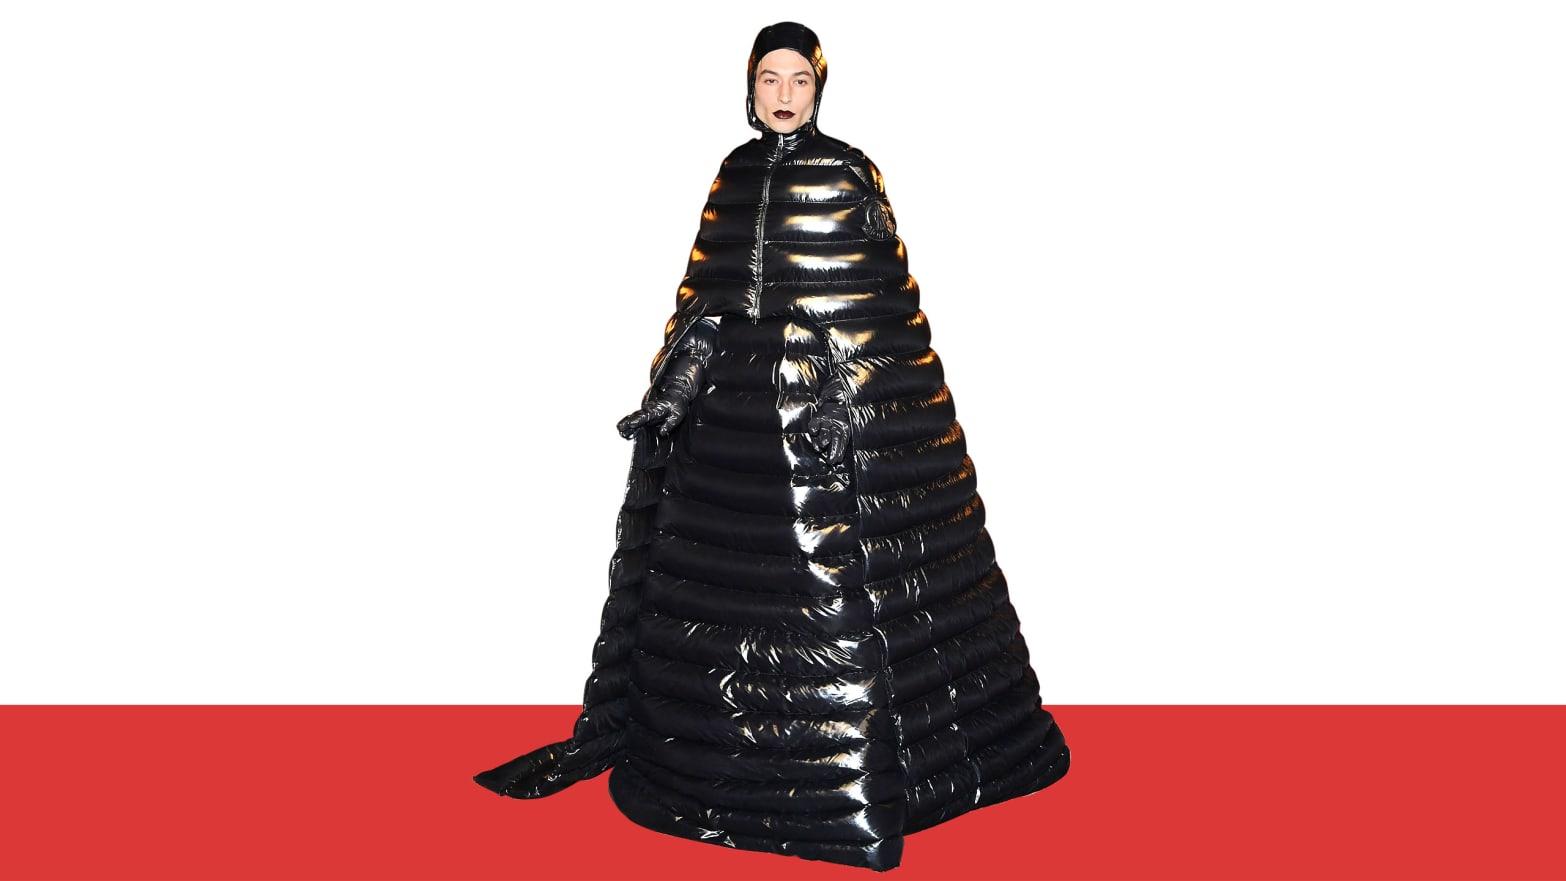 西裝穿搭,風格西裝,西裝多樣性 ,名人西裝,西裝搭配